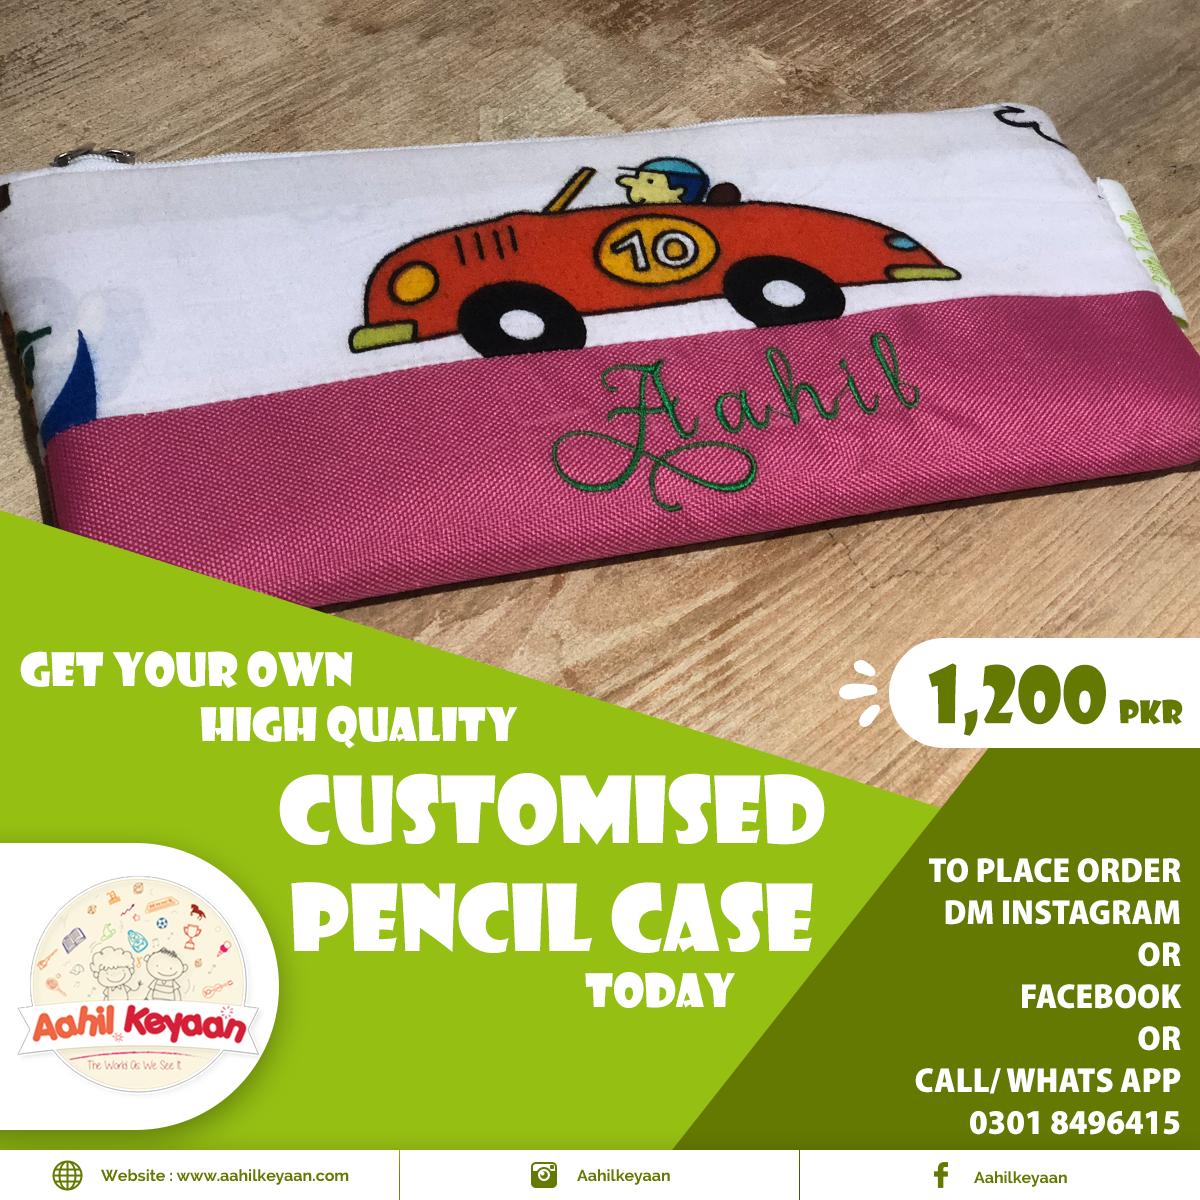 Customized Pencil Case Facebook Post Design